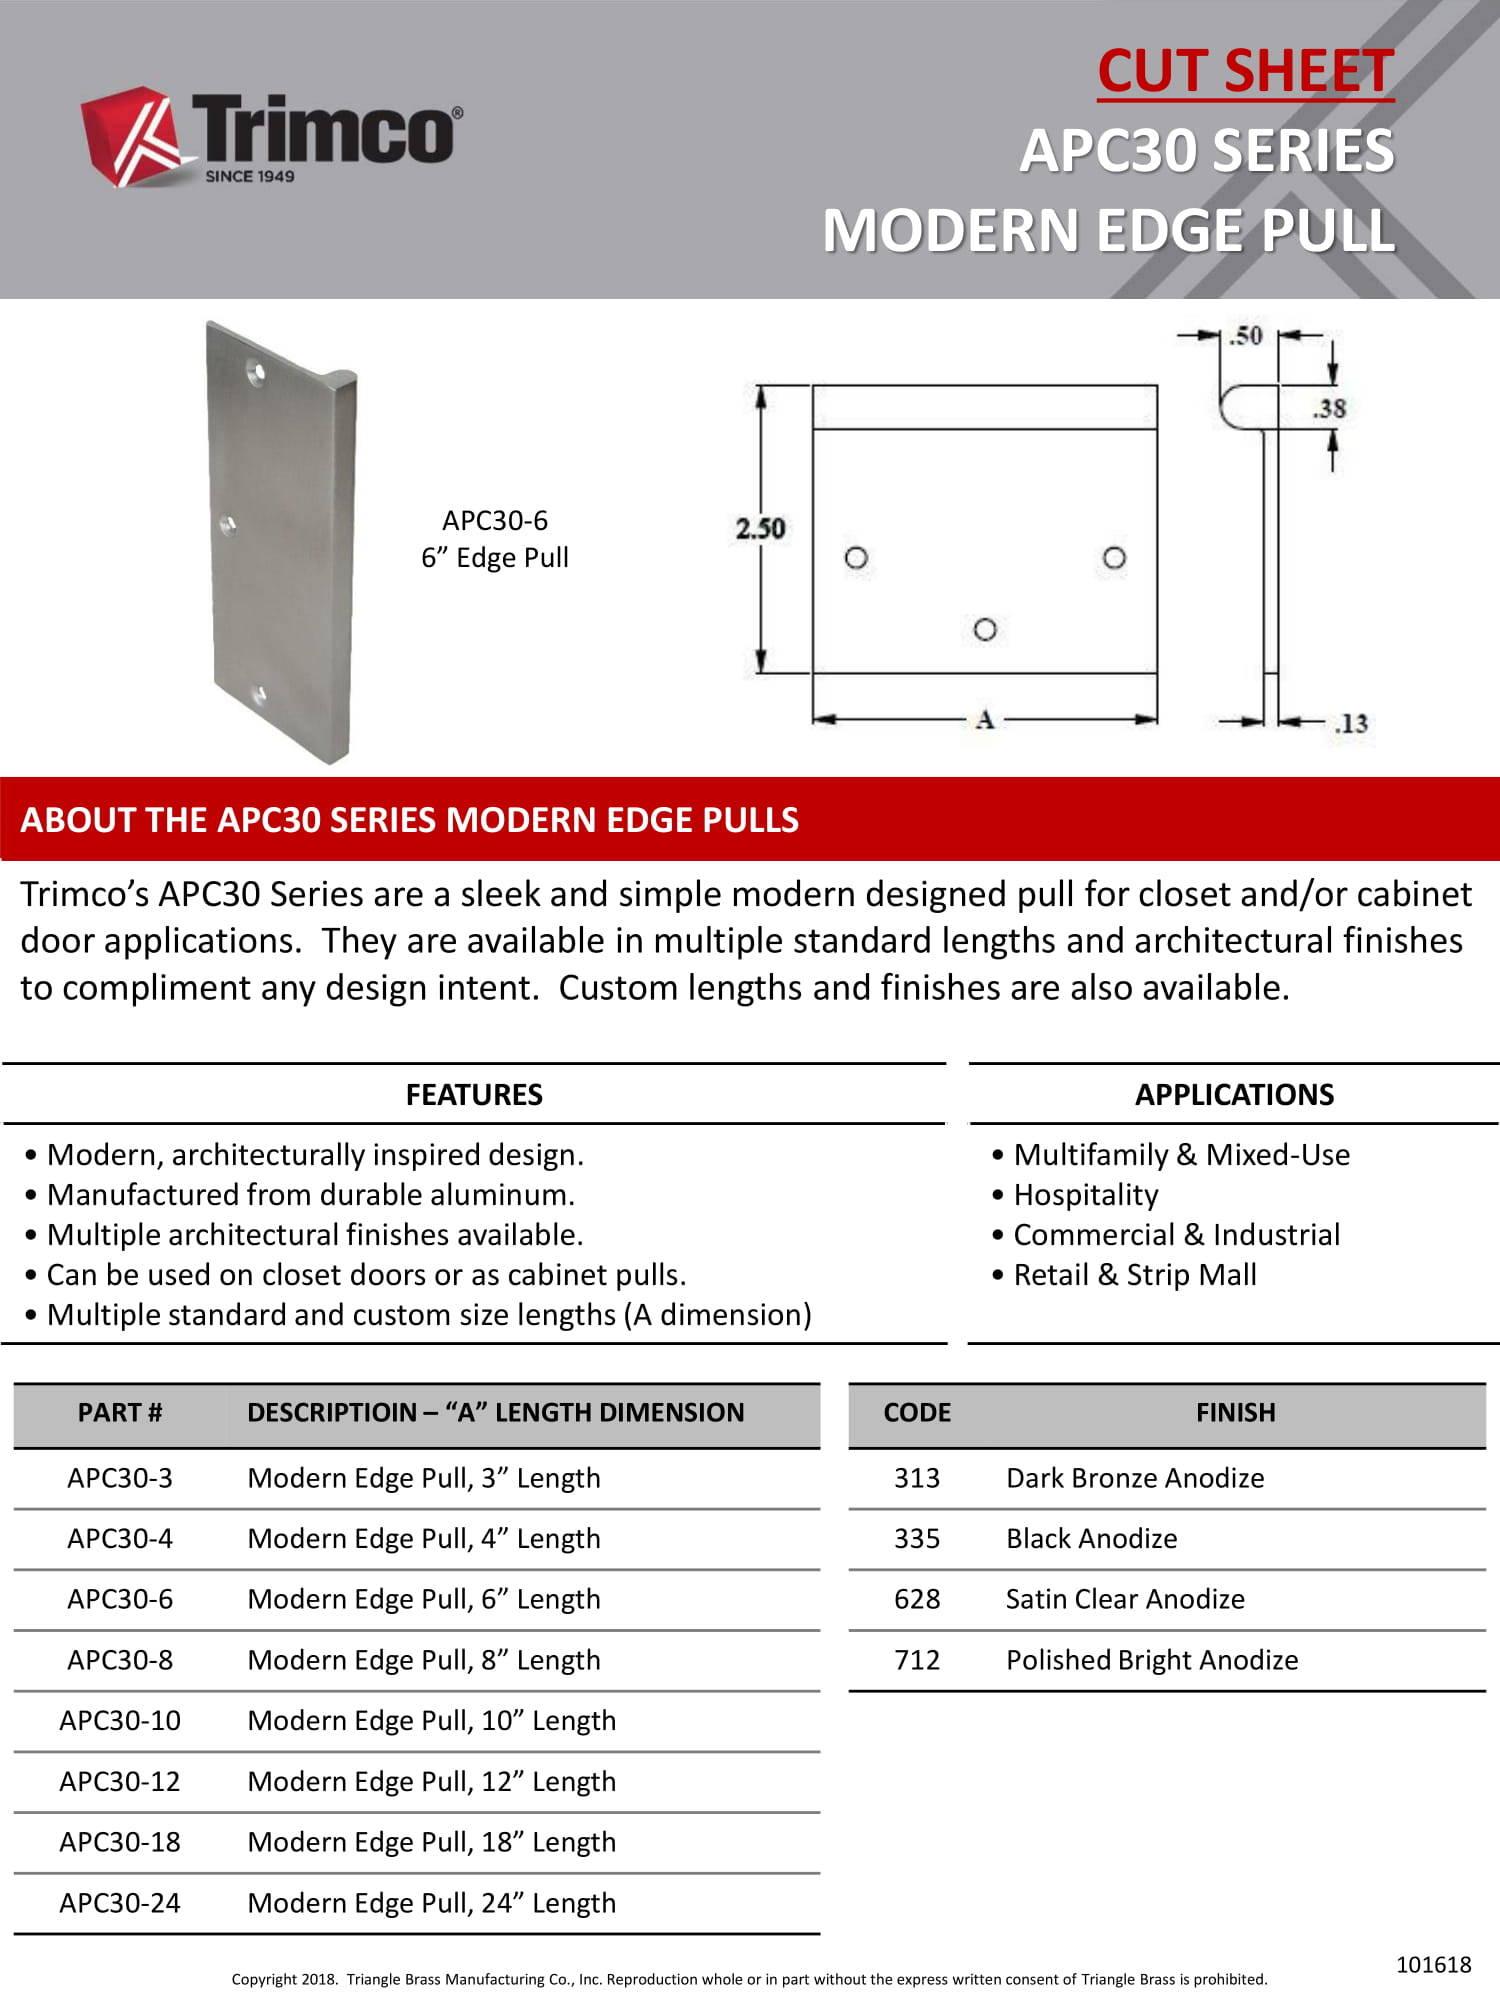 APC30 Series Modern Edge Pull